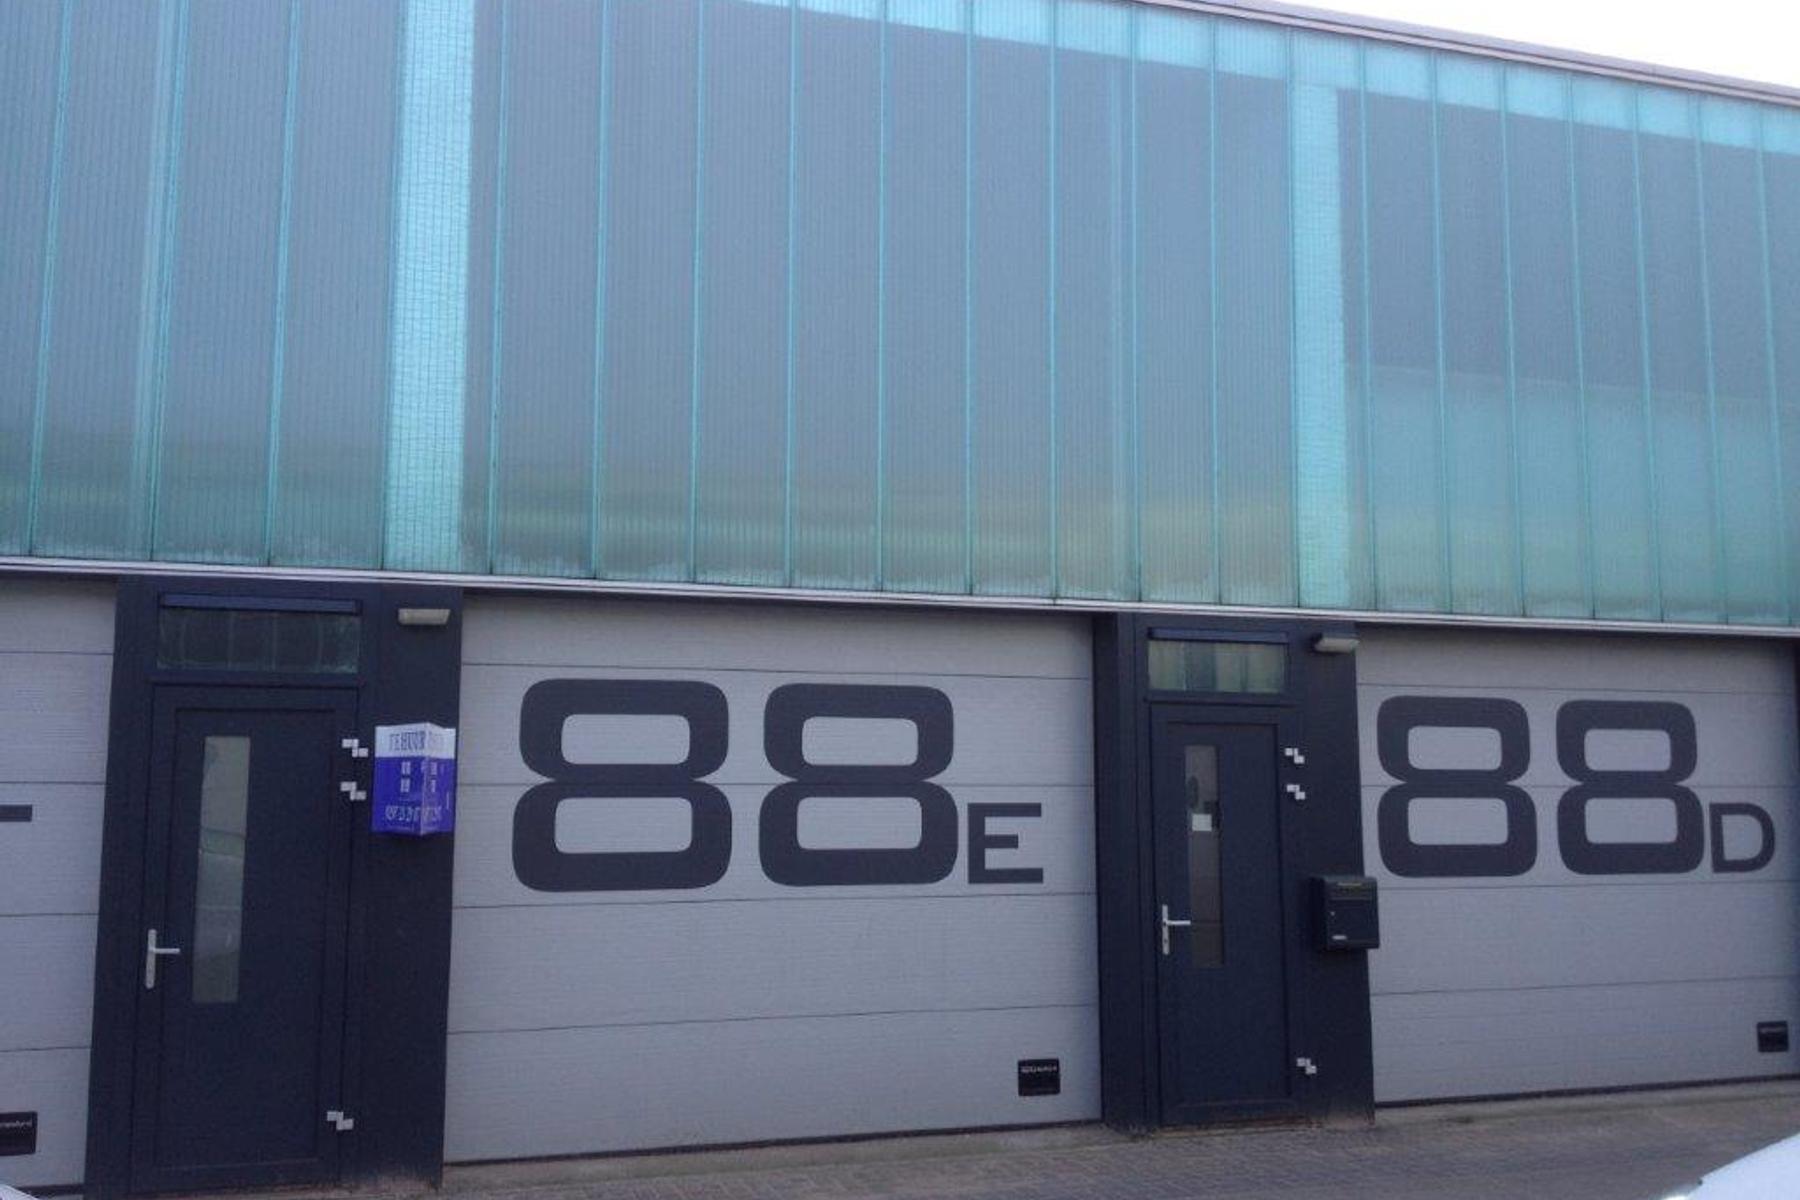 Constructieweg 88 E in Mijdrecht 3641 SP